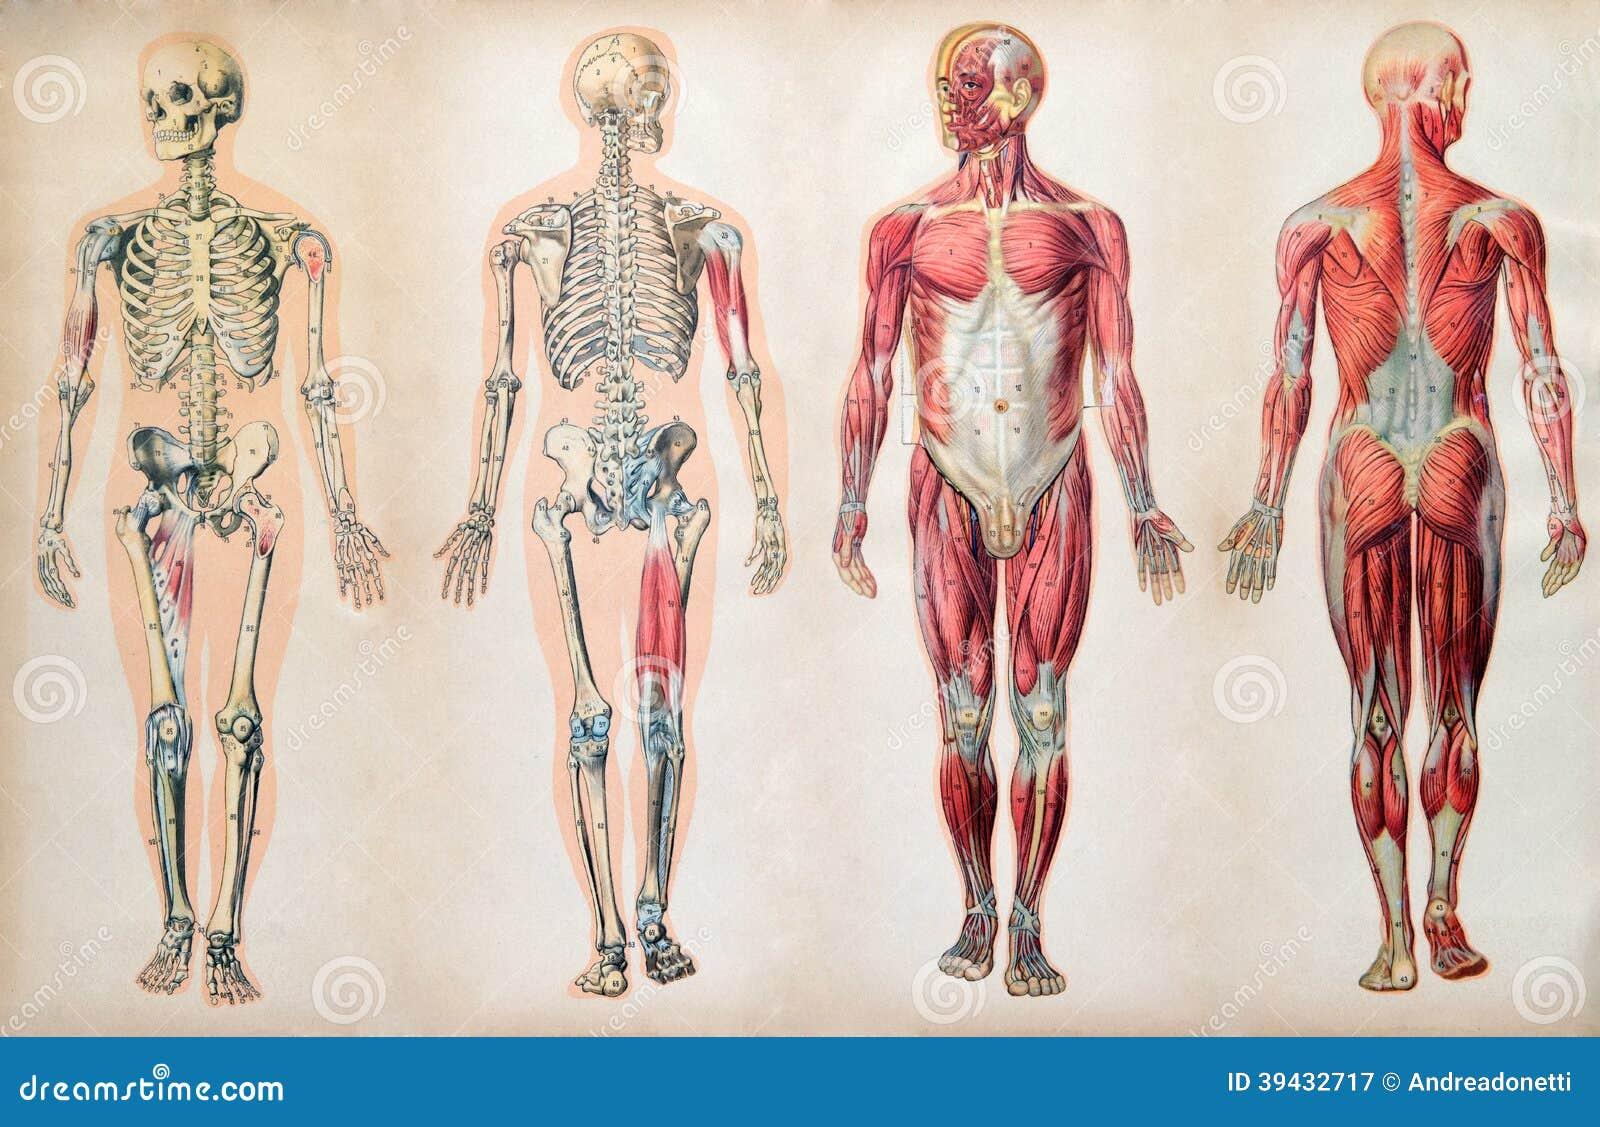 Старые винтажные диаграммы анатомии человеческого тела